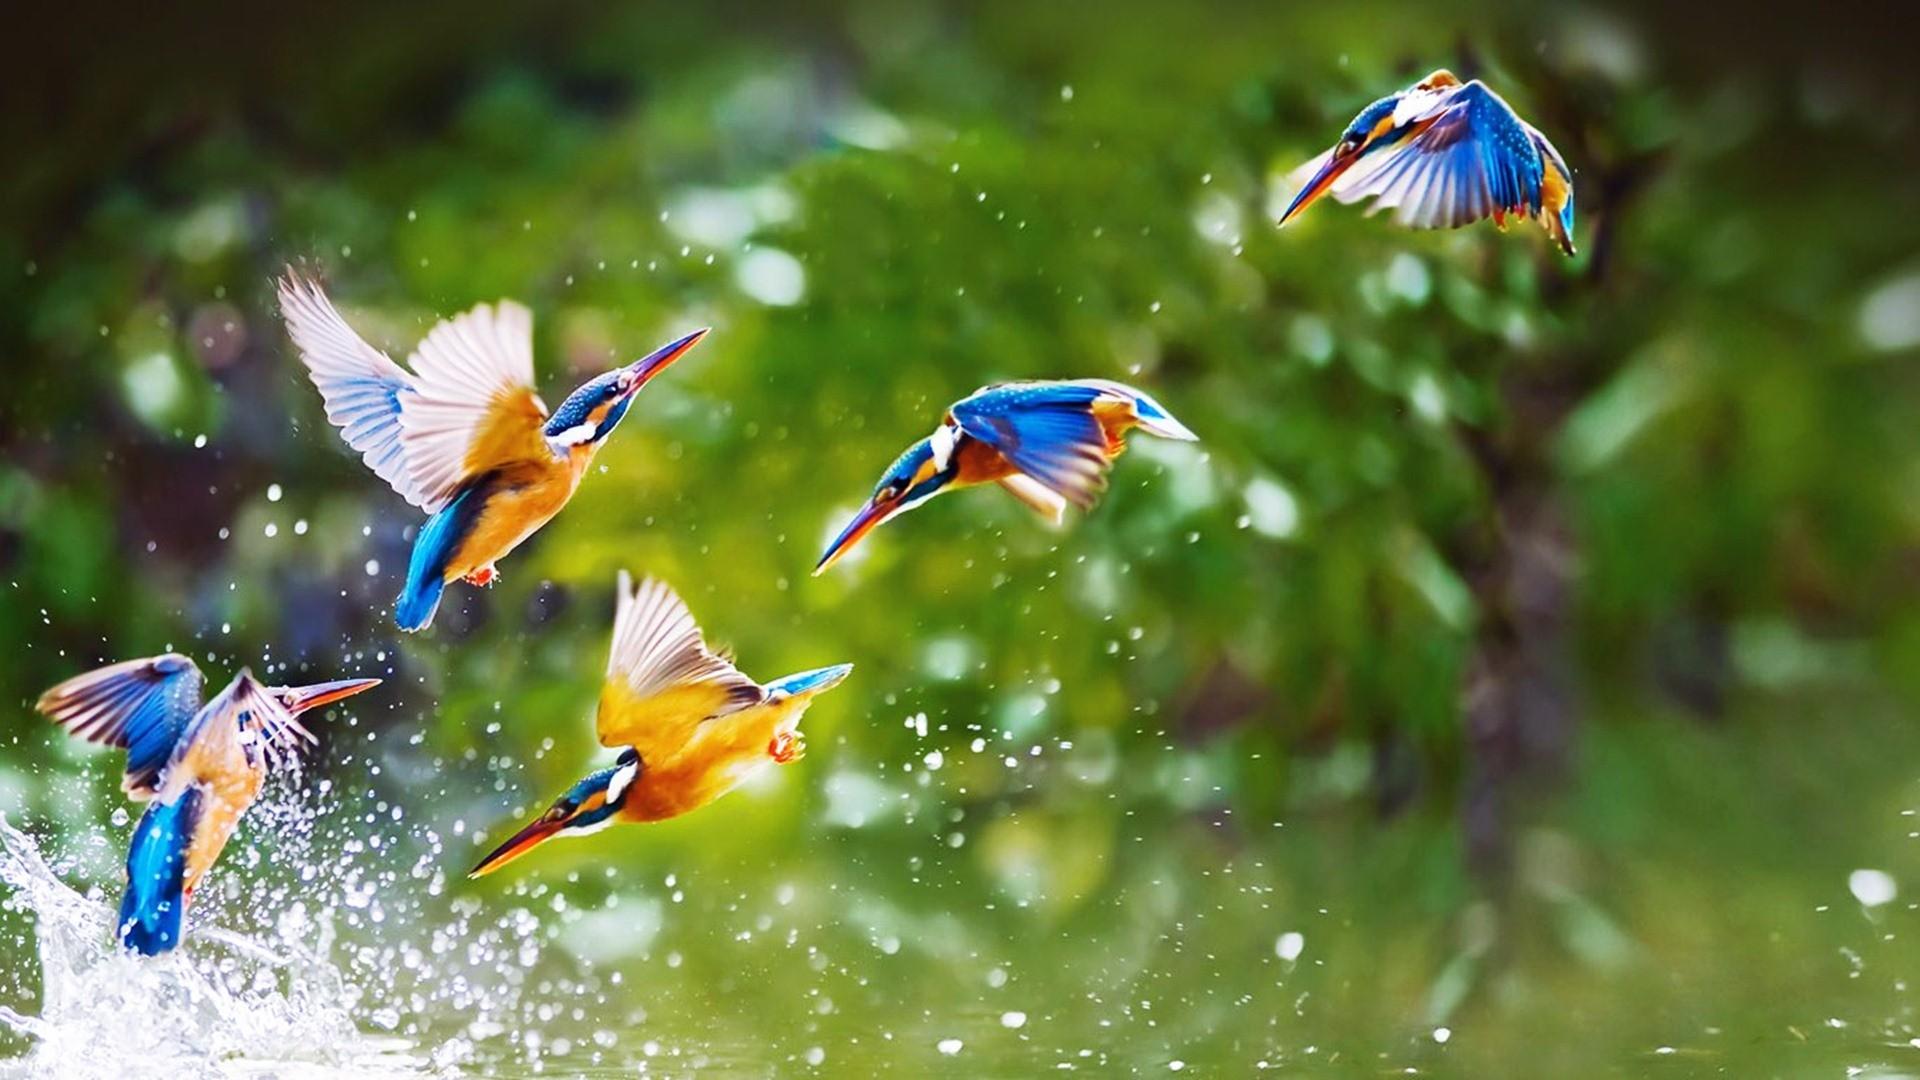 wallpaper birds (57+ images)